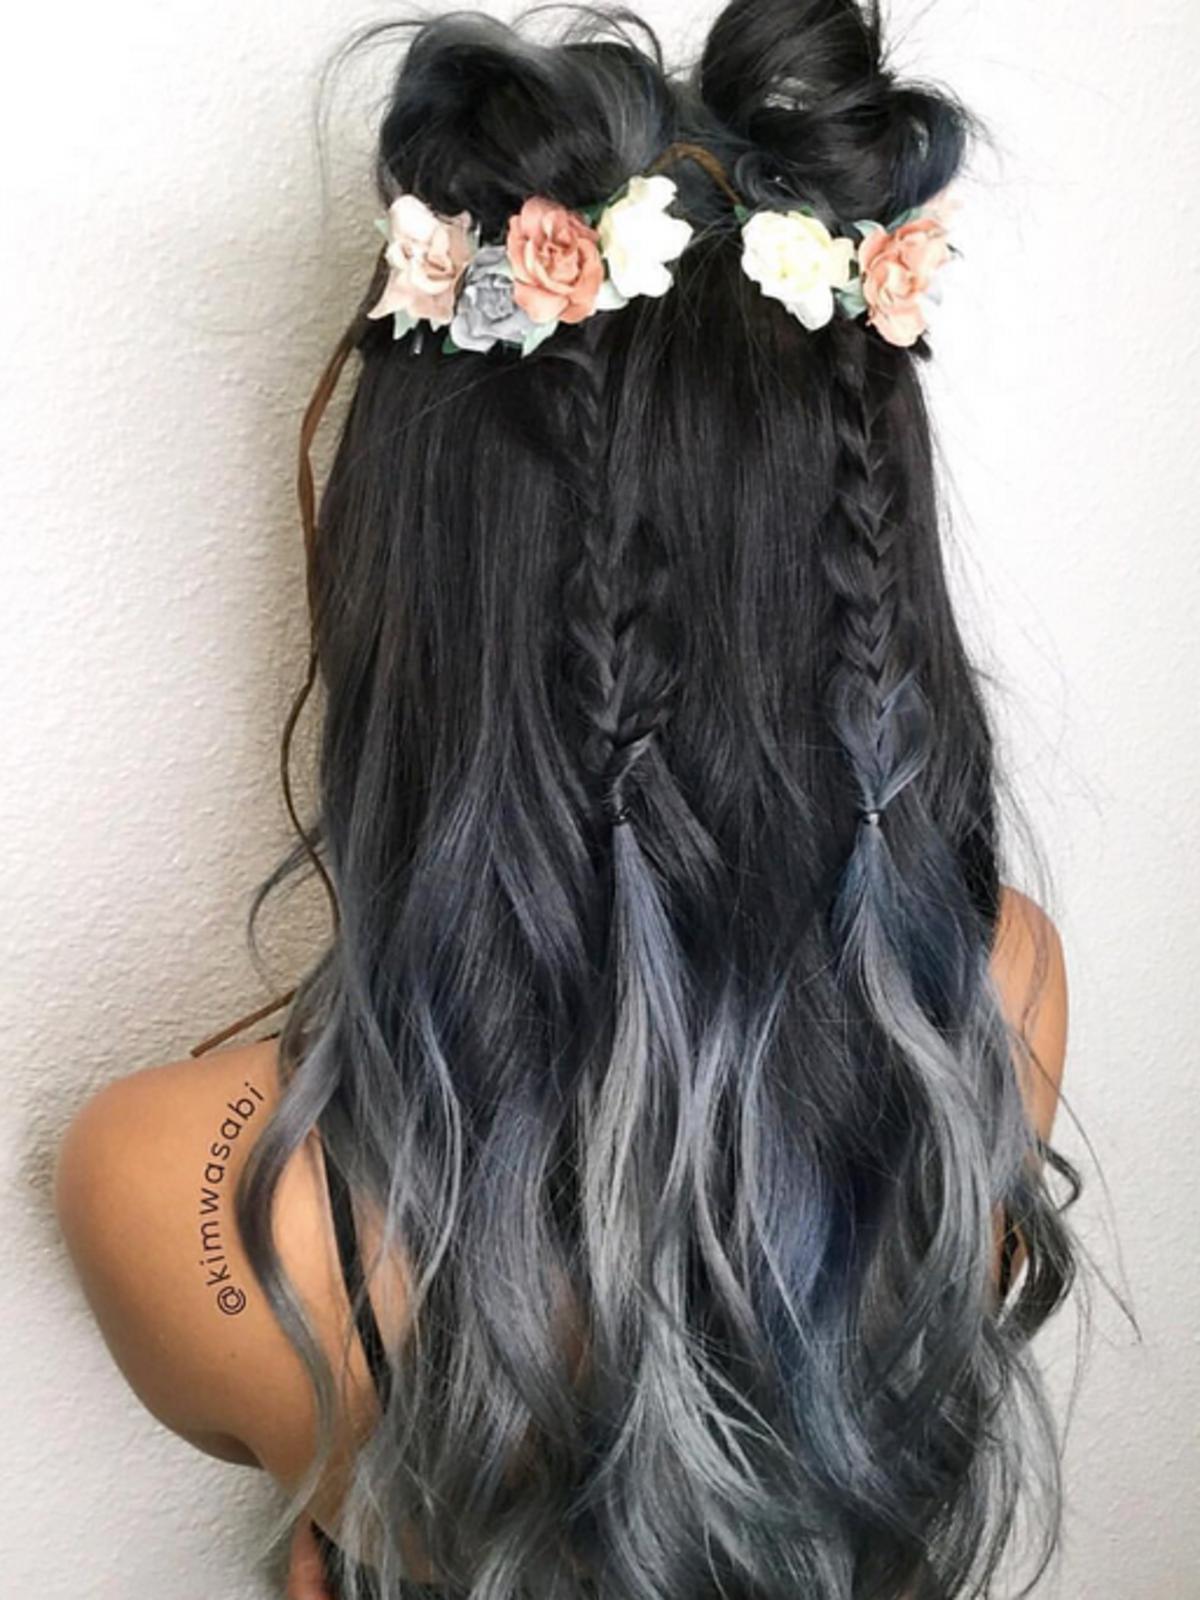 Charcoal hair - węglowe włosy